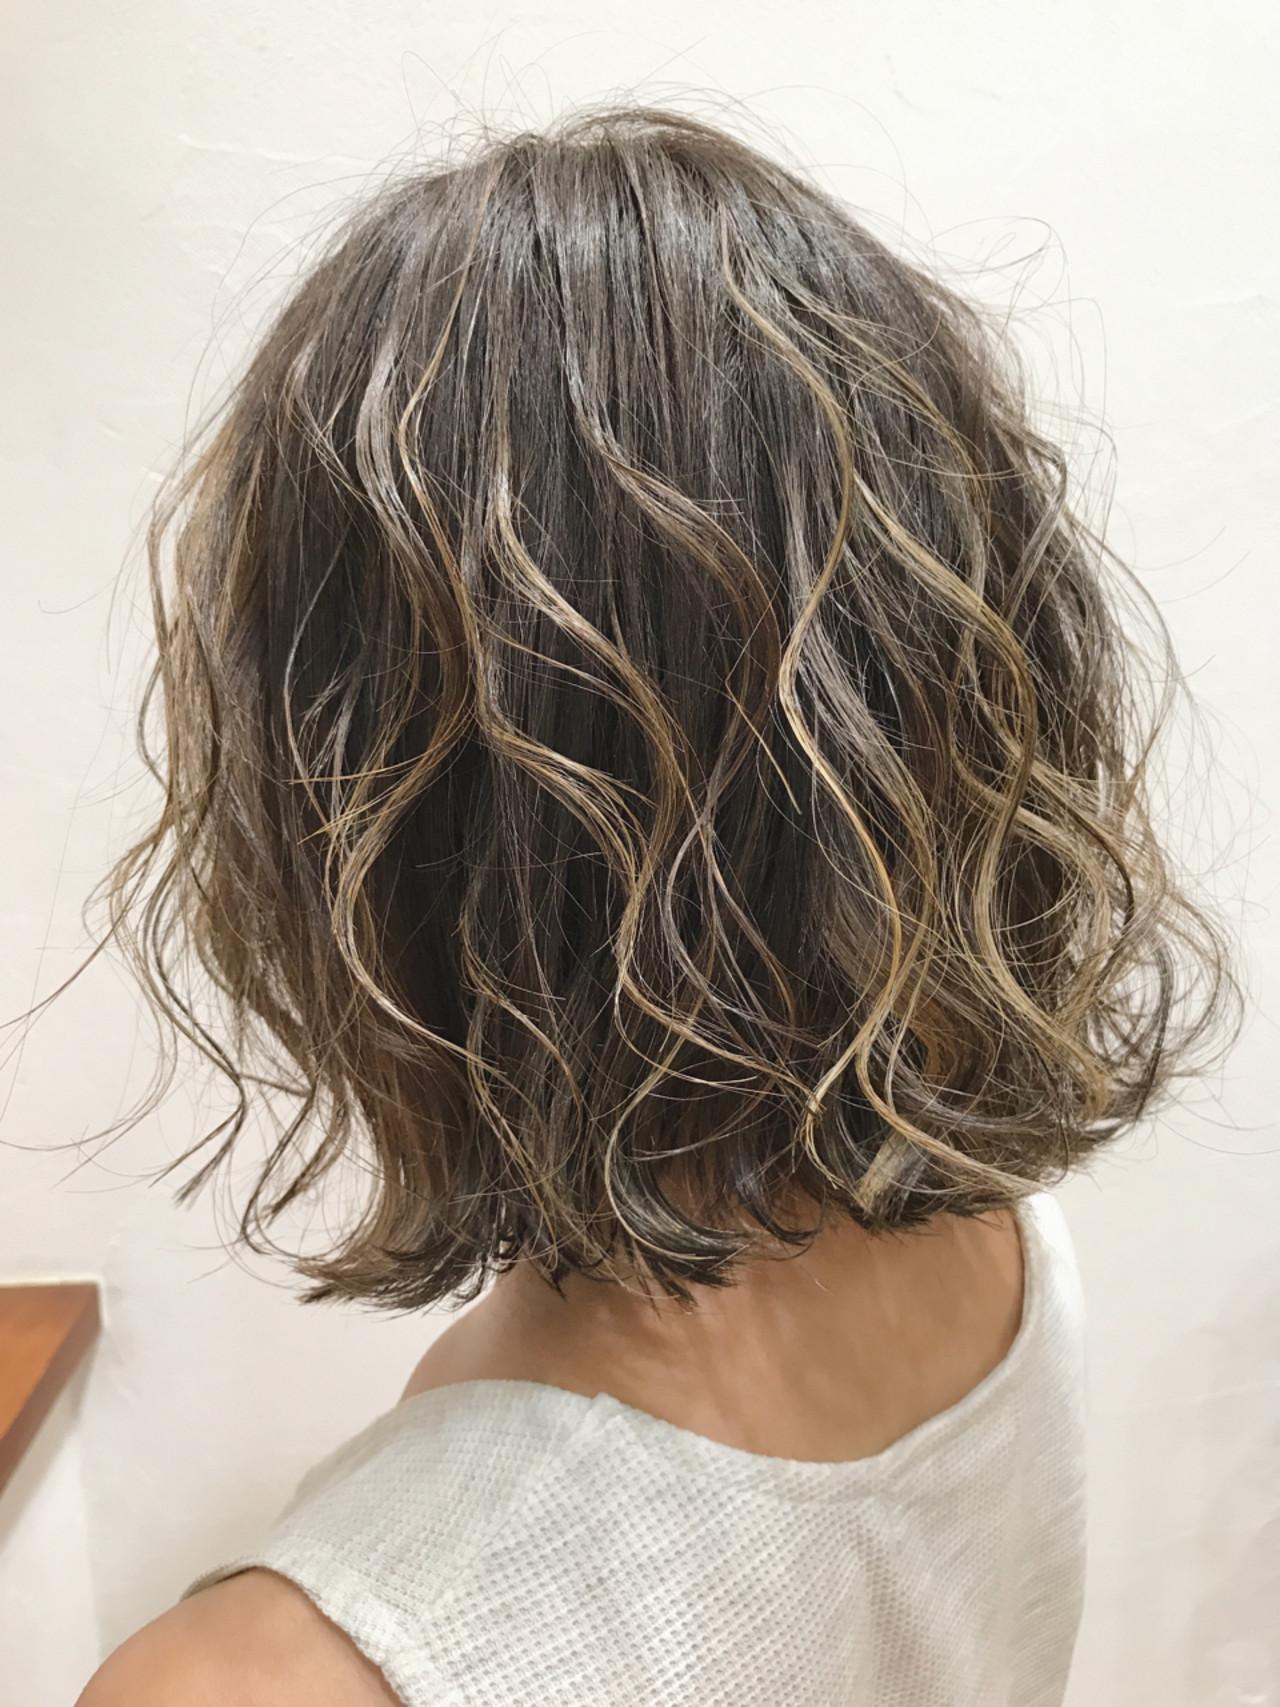 ハイライト グレージュ ボブ 外国人風 ヘアスタイルや髪型の写真・画像